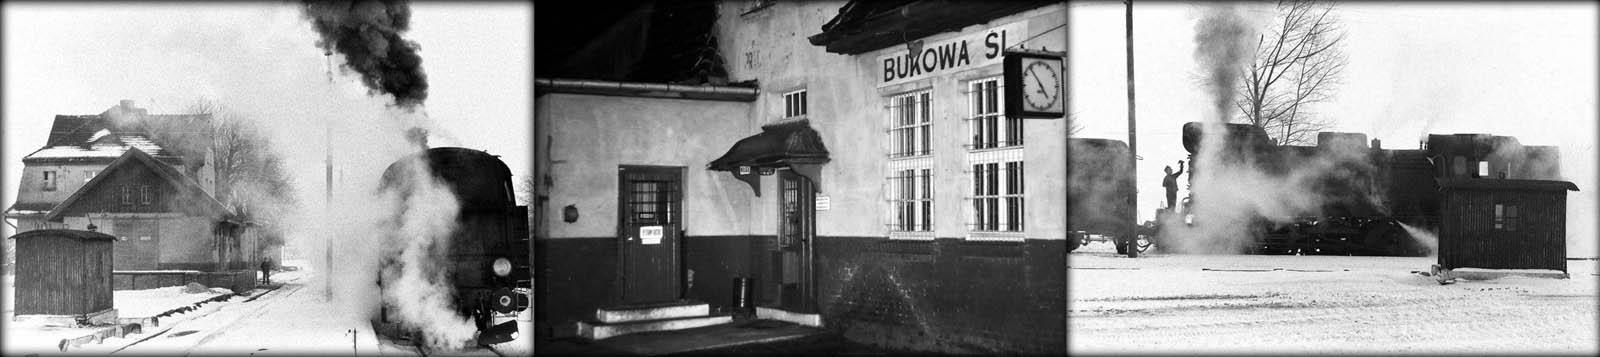 Z lewej i prawej stronie Tkt48 z pociągiem Kępno - namysłów w dniu 12.02.1991. Foto w środku wykonane w dniu 28.01.1990